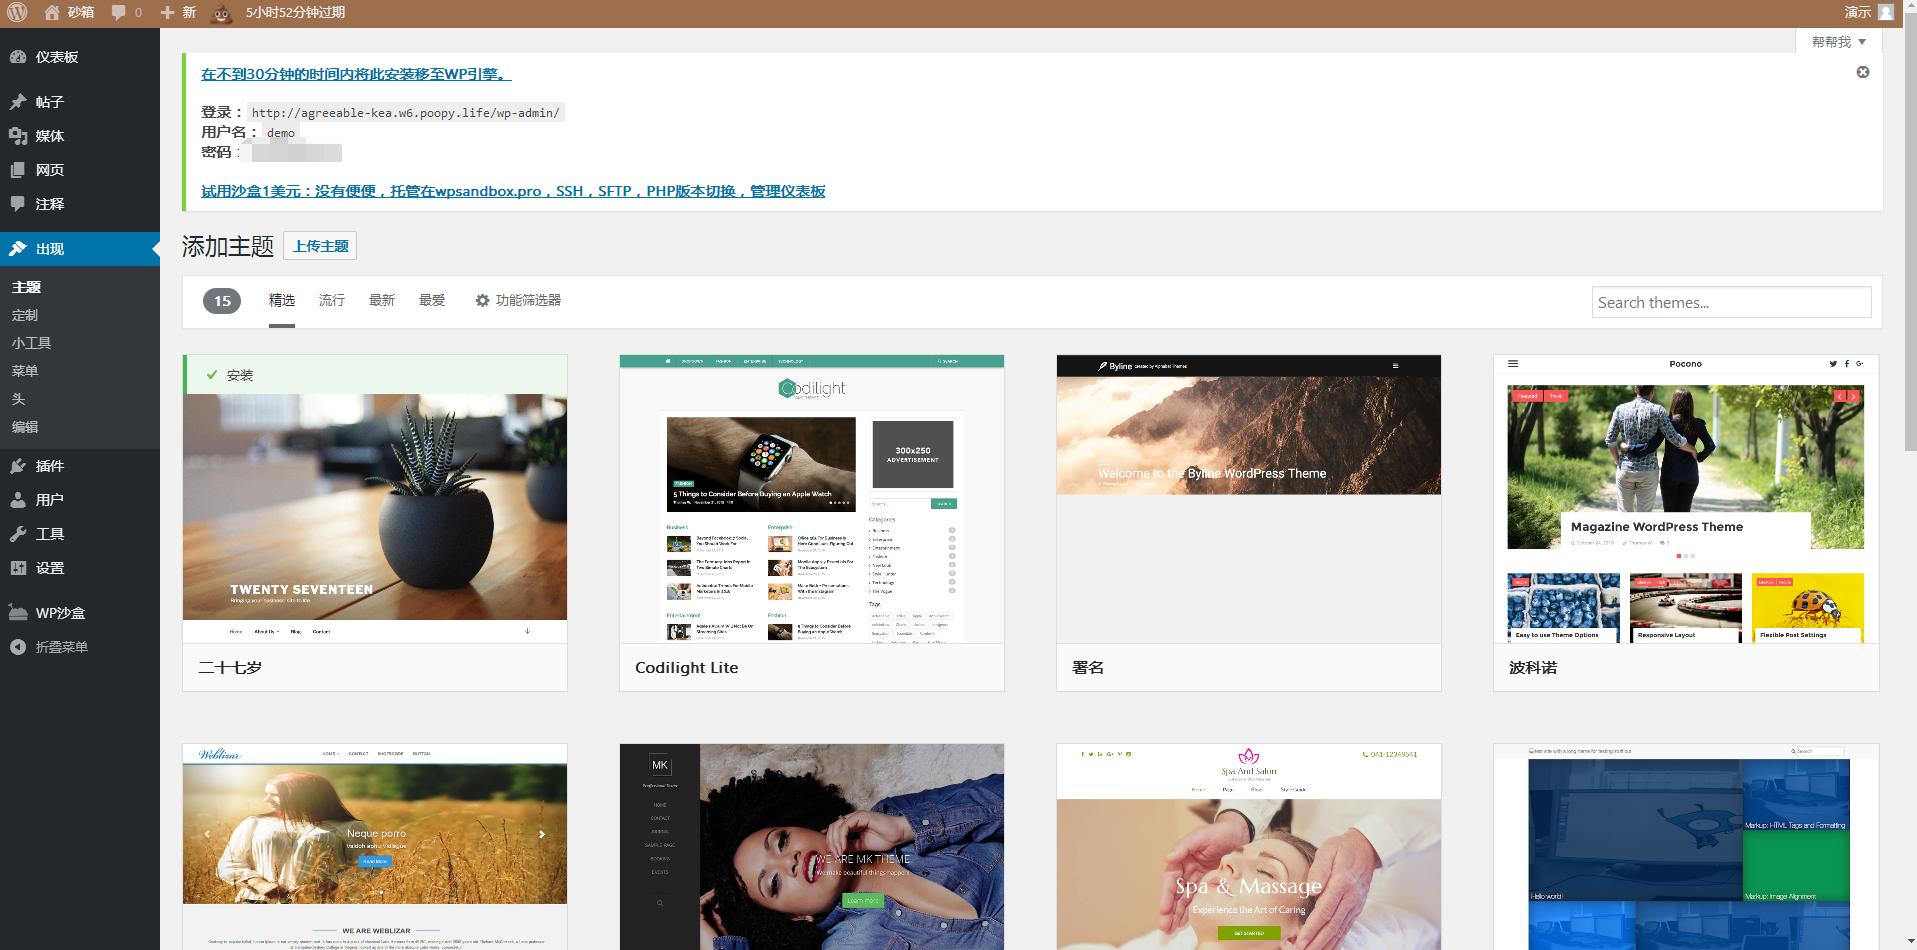 搭建免费的WordPress测试环境(Sand Box),由poopy.life提供 网站 第6张